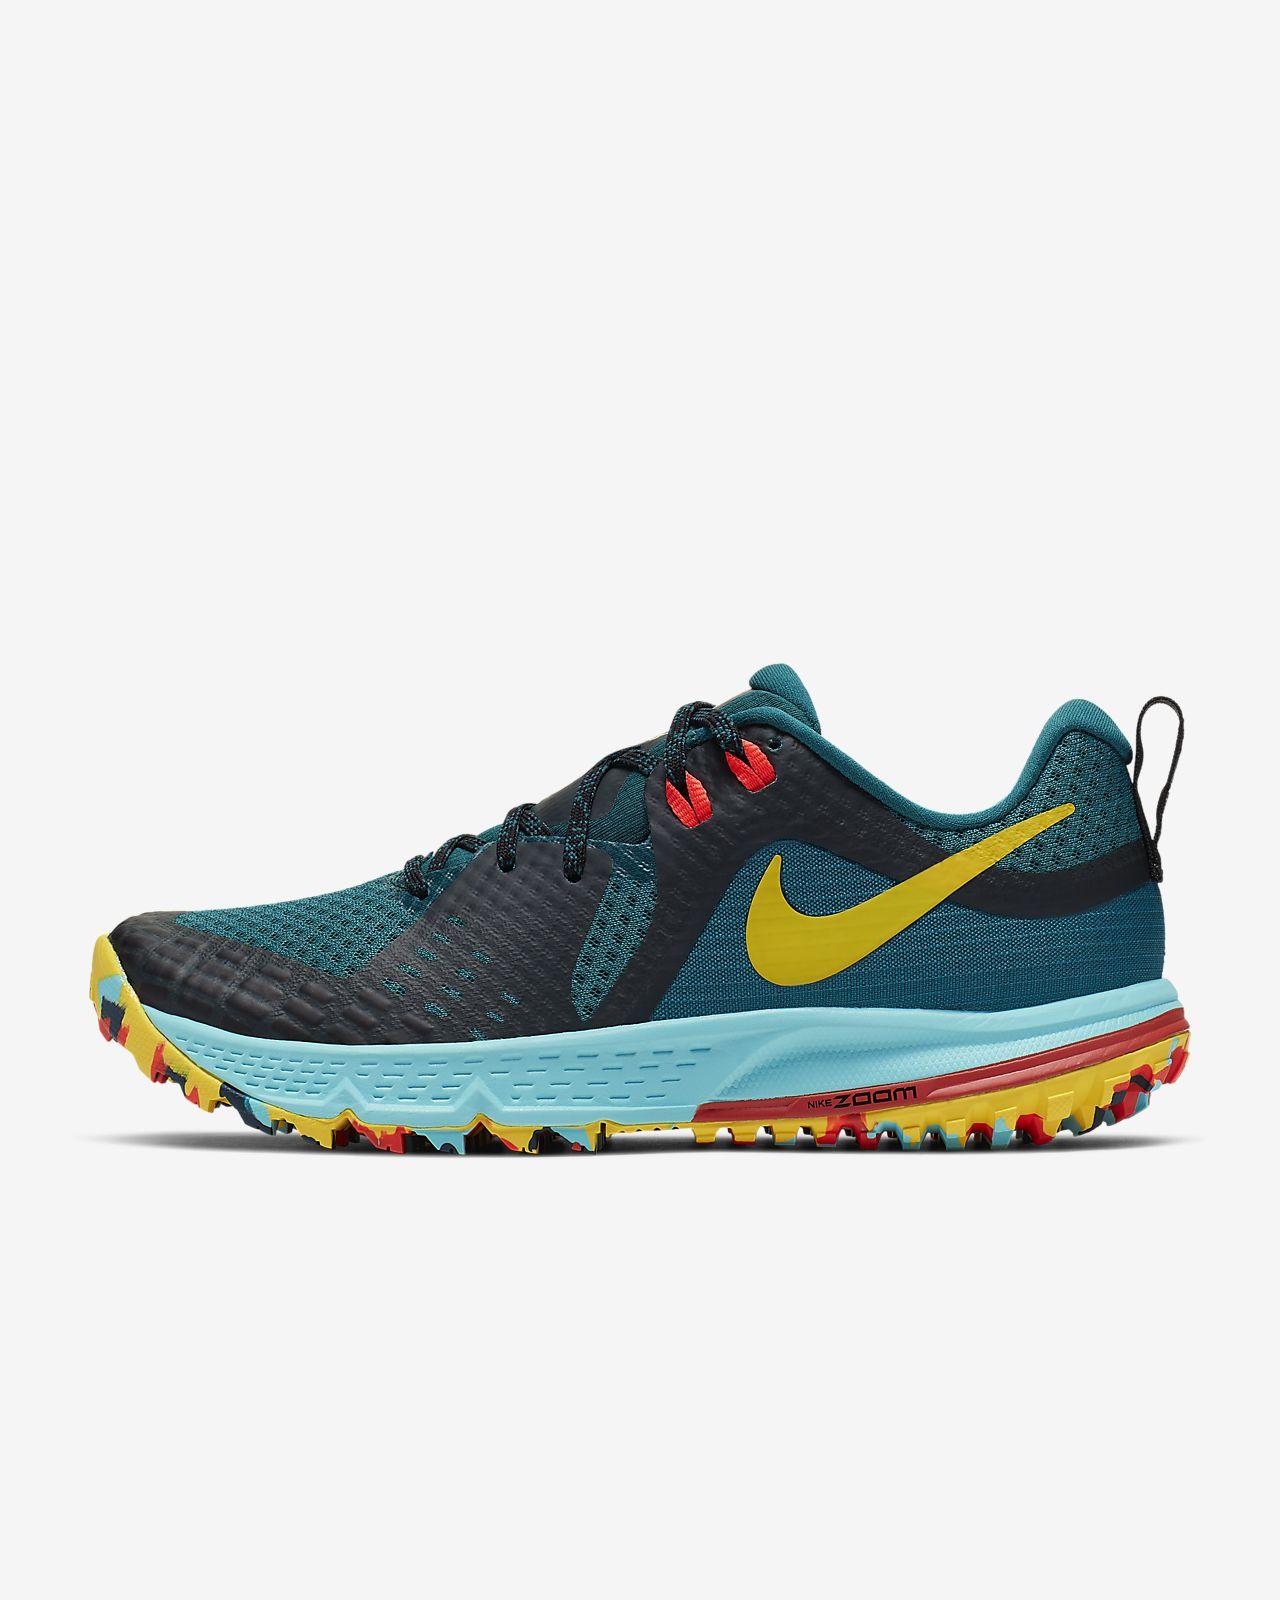 meilleur authentique 4e9d6 fa09e Chaussure de running Nike Air Zoom Wildhorse 5 pour Femme